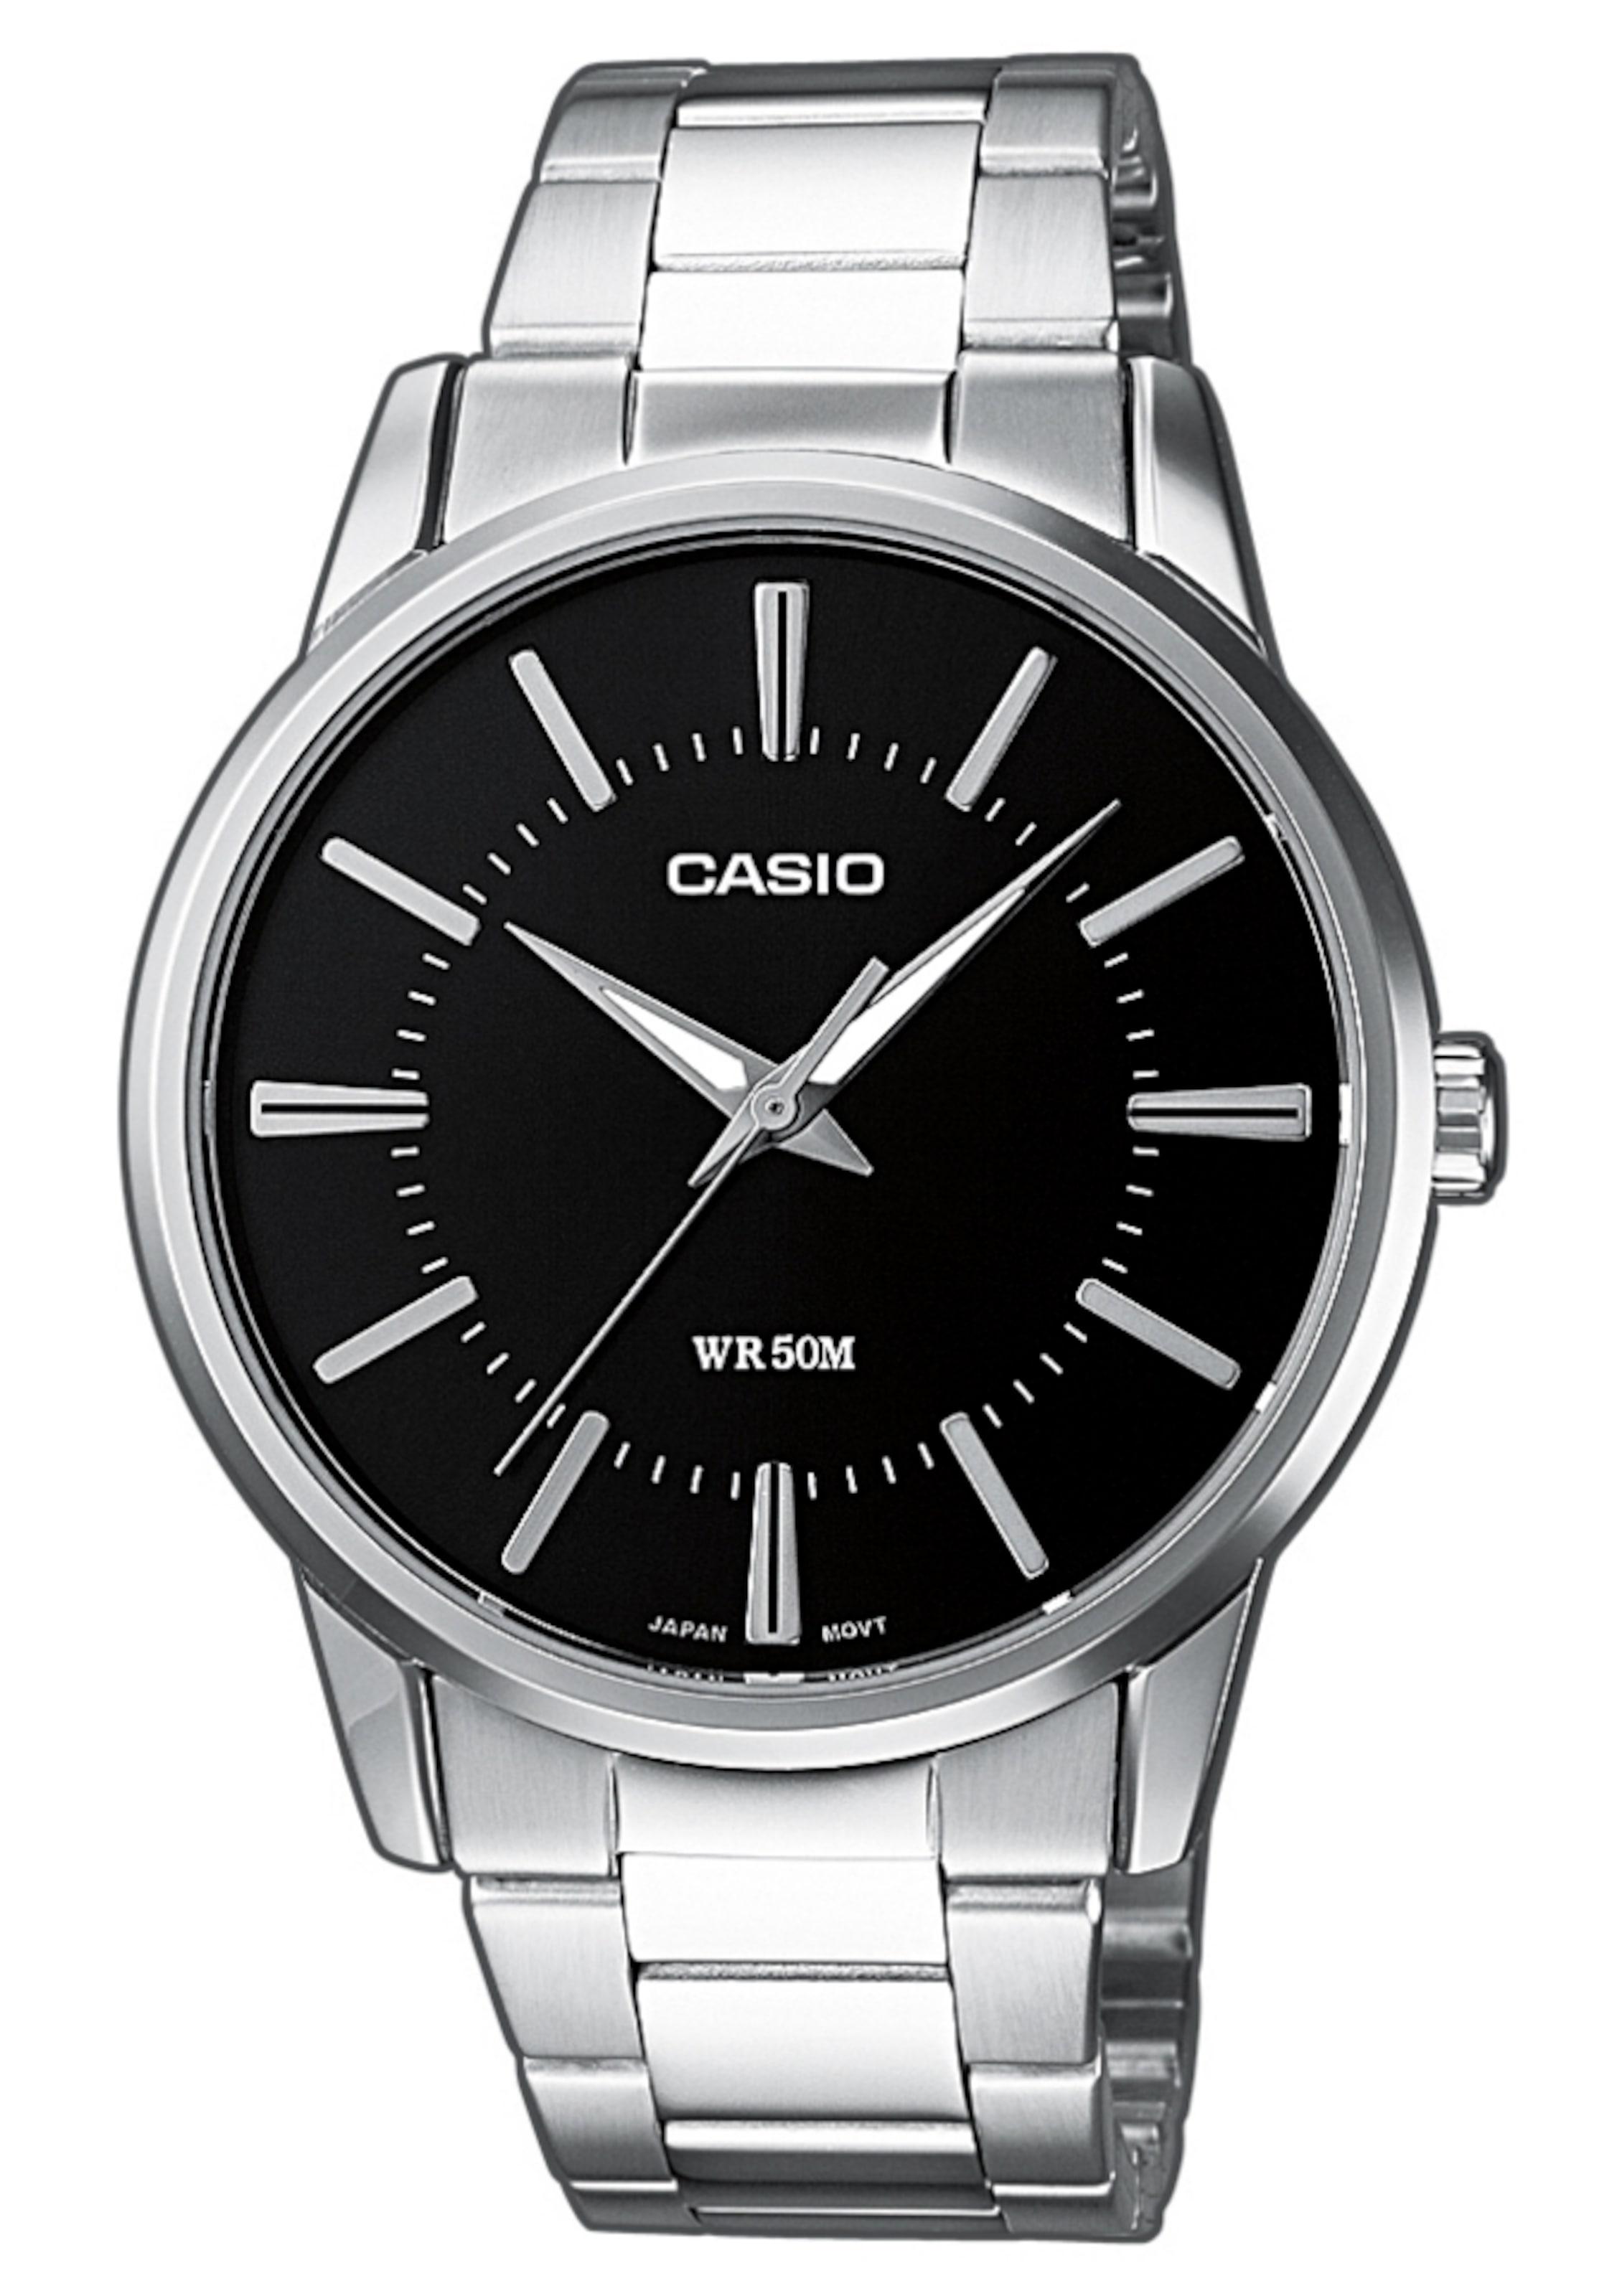 CASIO Collection Sehr Günstig Erschwinglich Zu Verkaufen Factory Outlet Günstig Online 7rqCdD8W